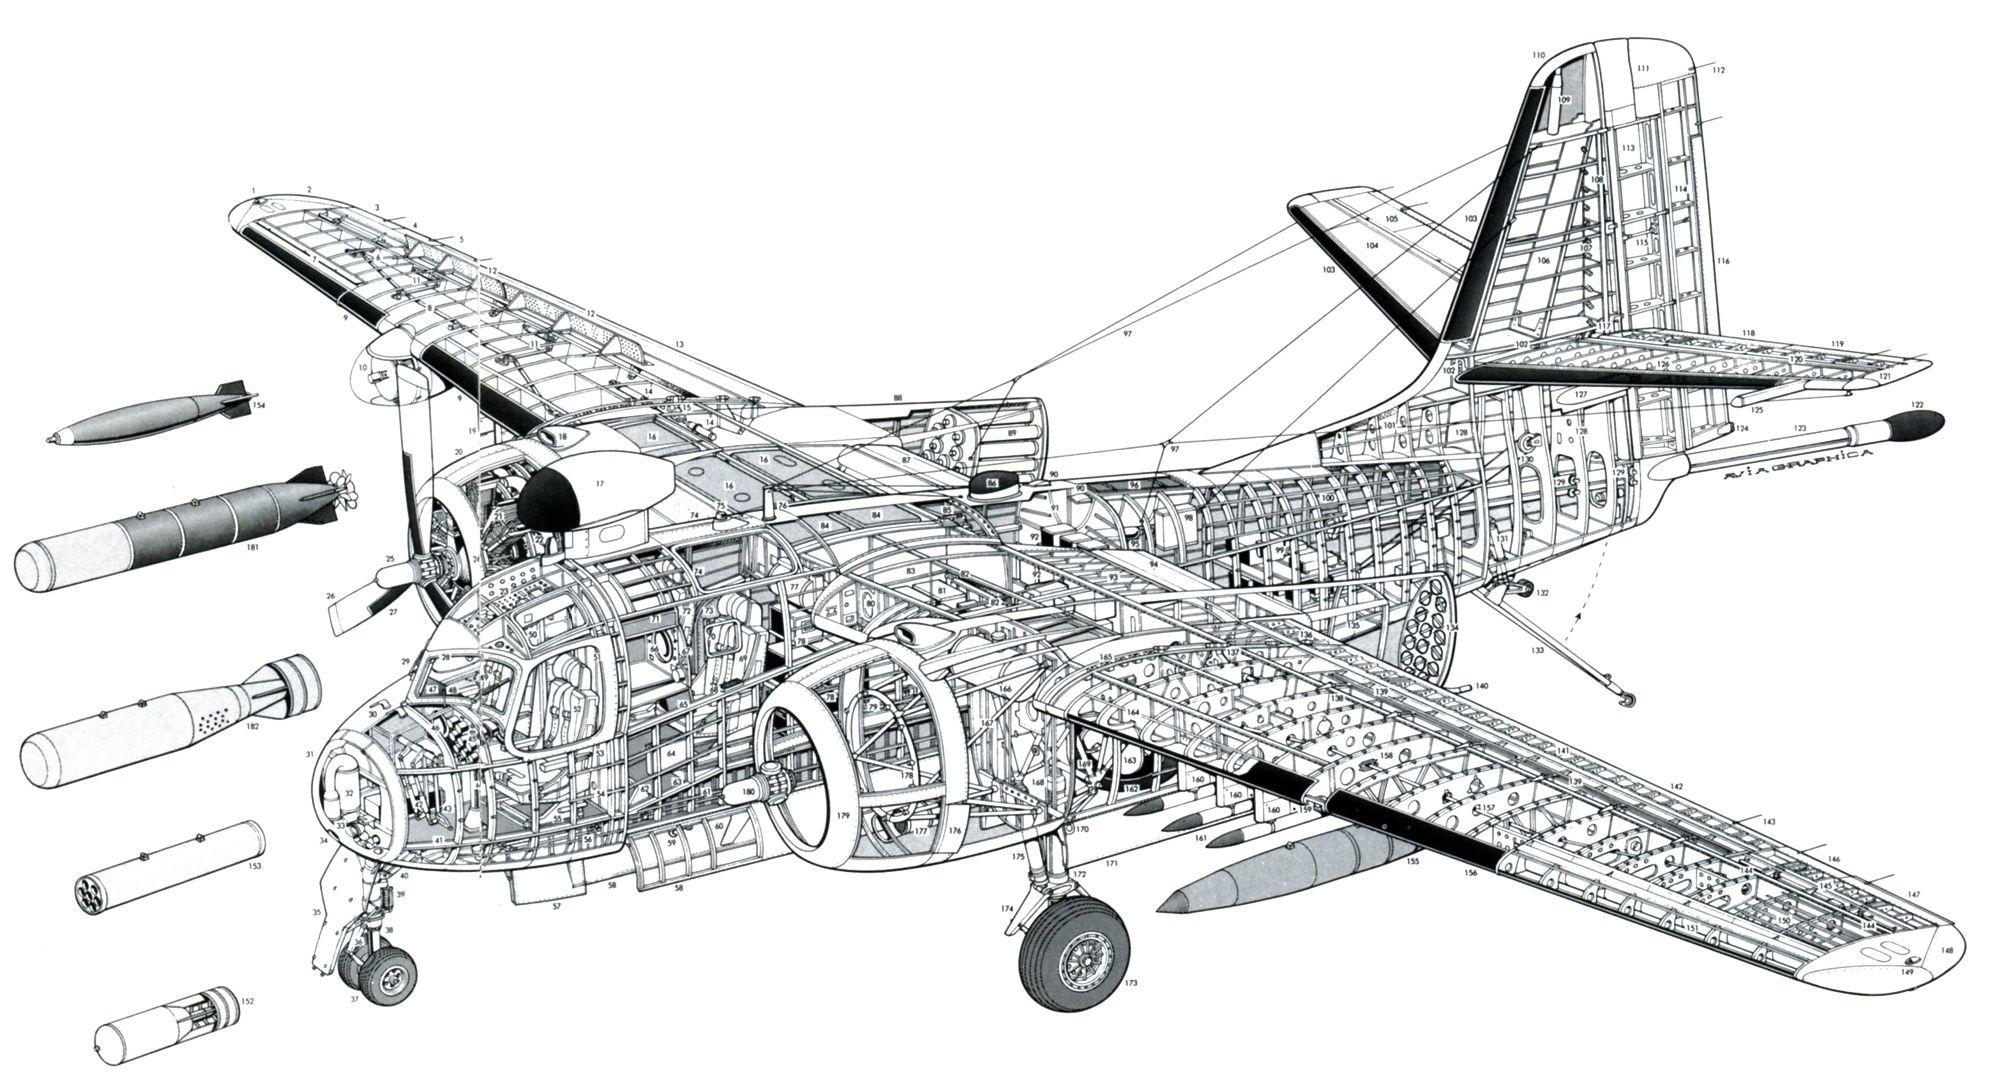 Contemporáneo Anatomía De Un Avión Motivo - Imágenes de Anatomía ...